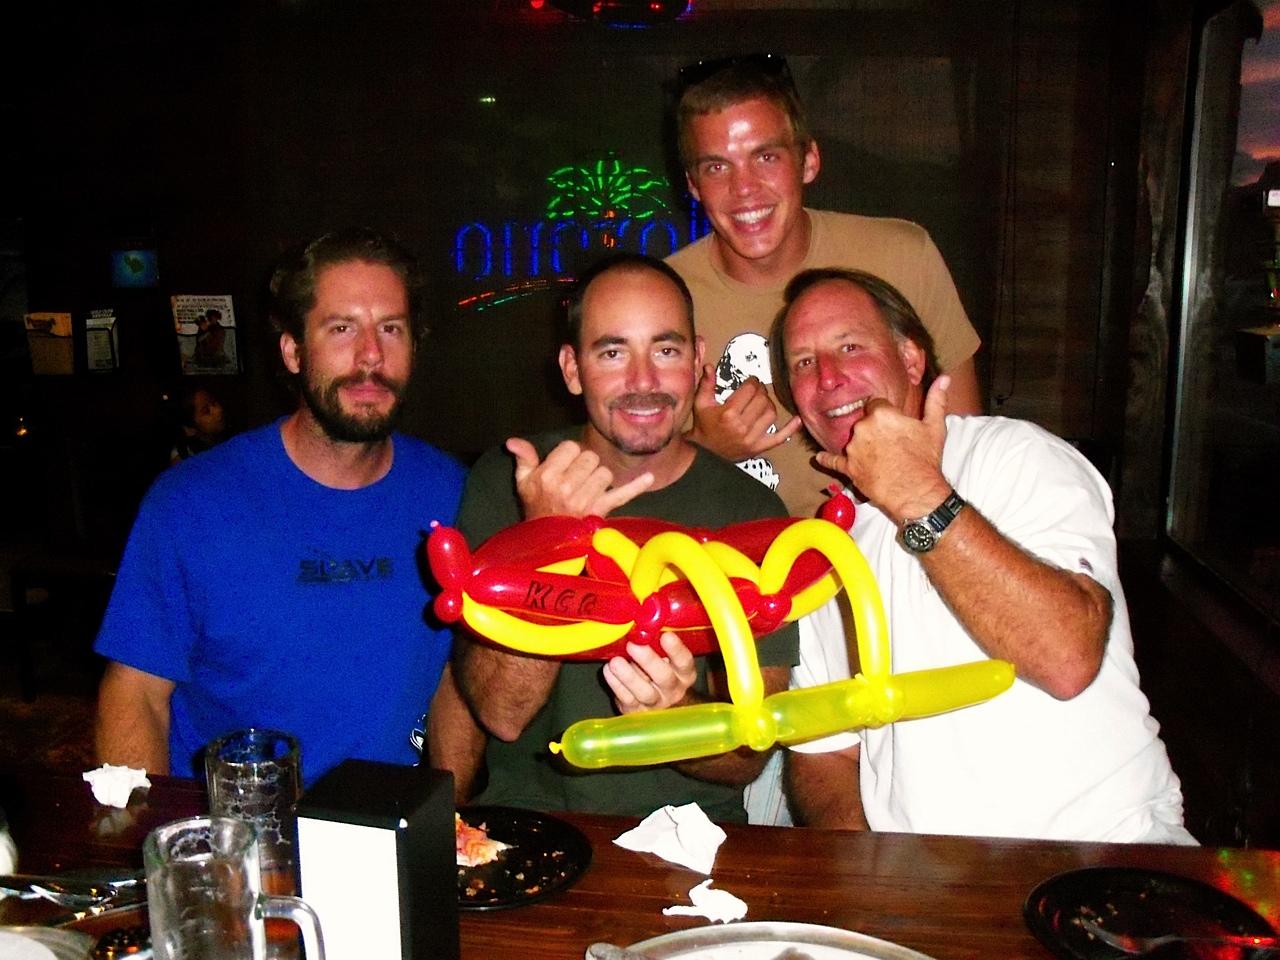 outrigger canoe balloon